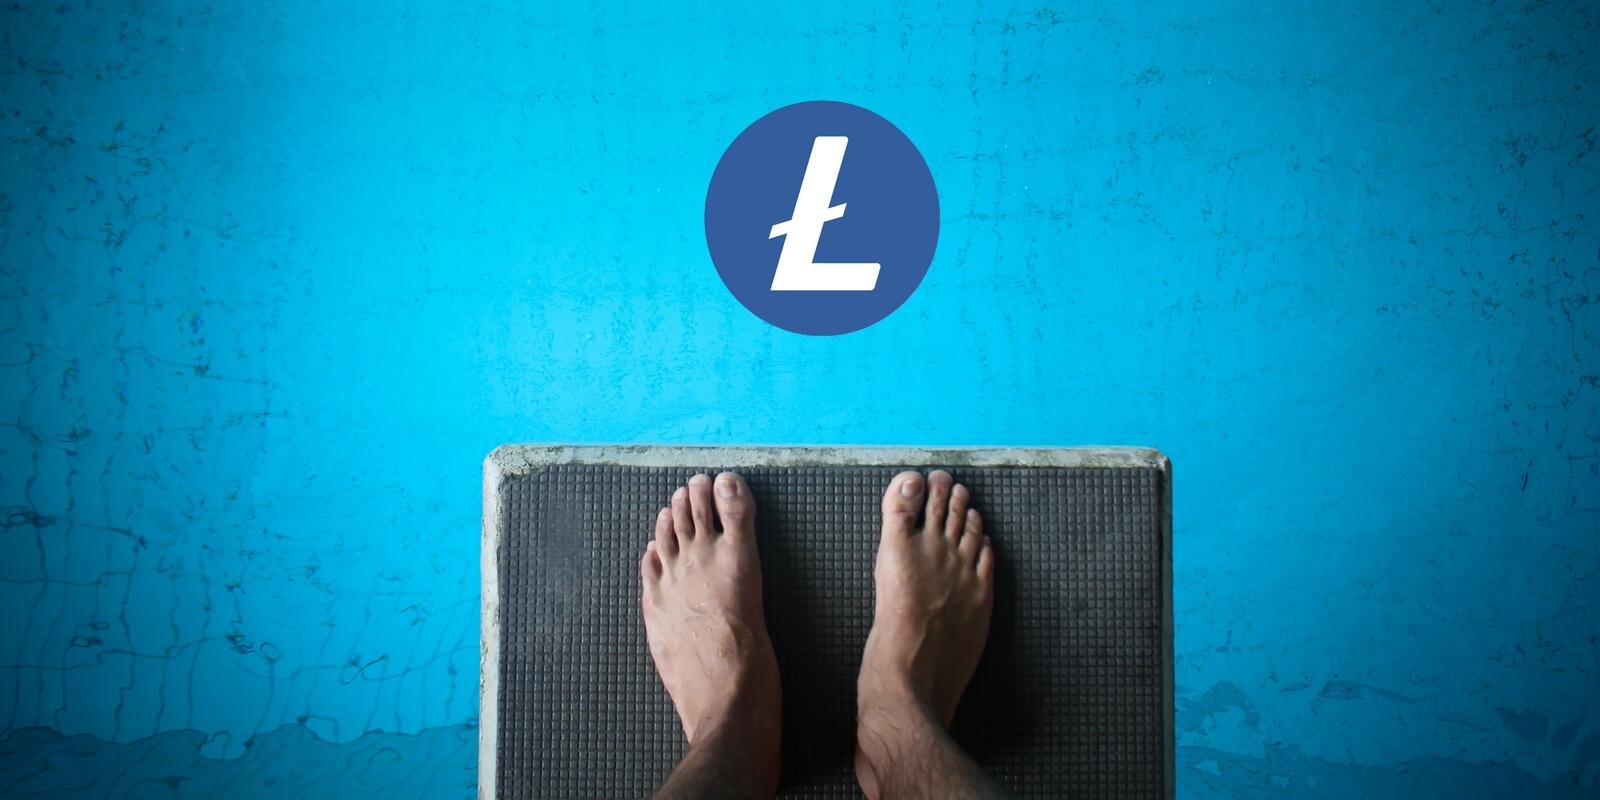 Marchés: le prix du Litecoin (LTC) peine à se remettre de son plongeon de mars